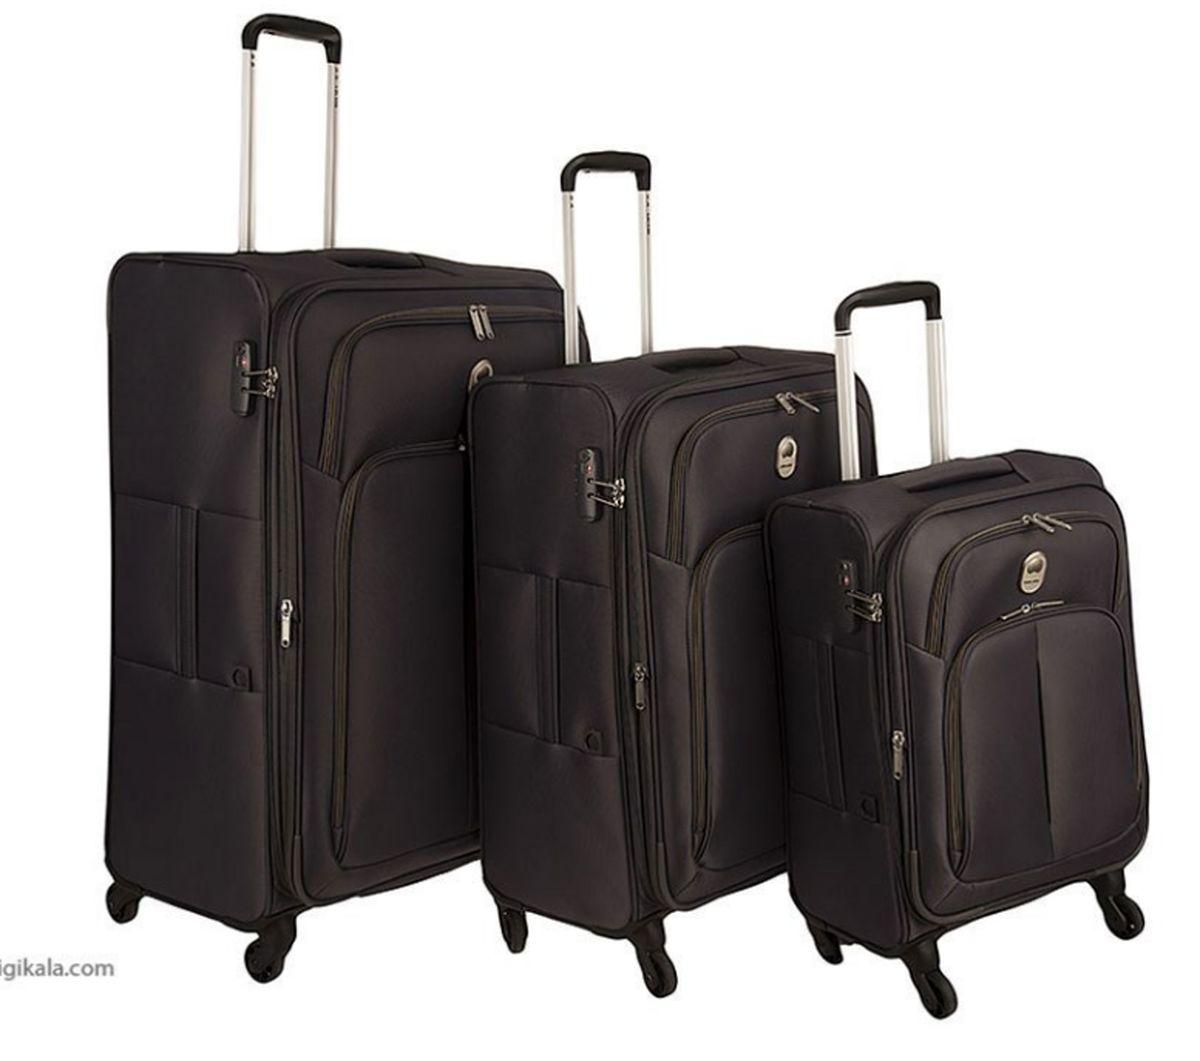 ۶نکته برای خرید ساک و چمدان